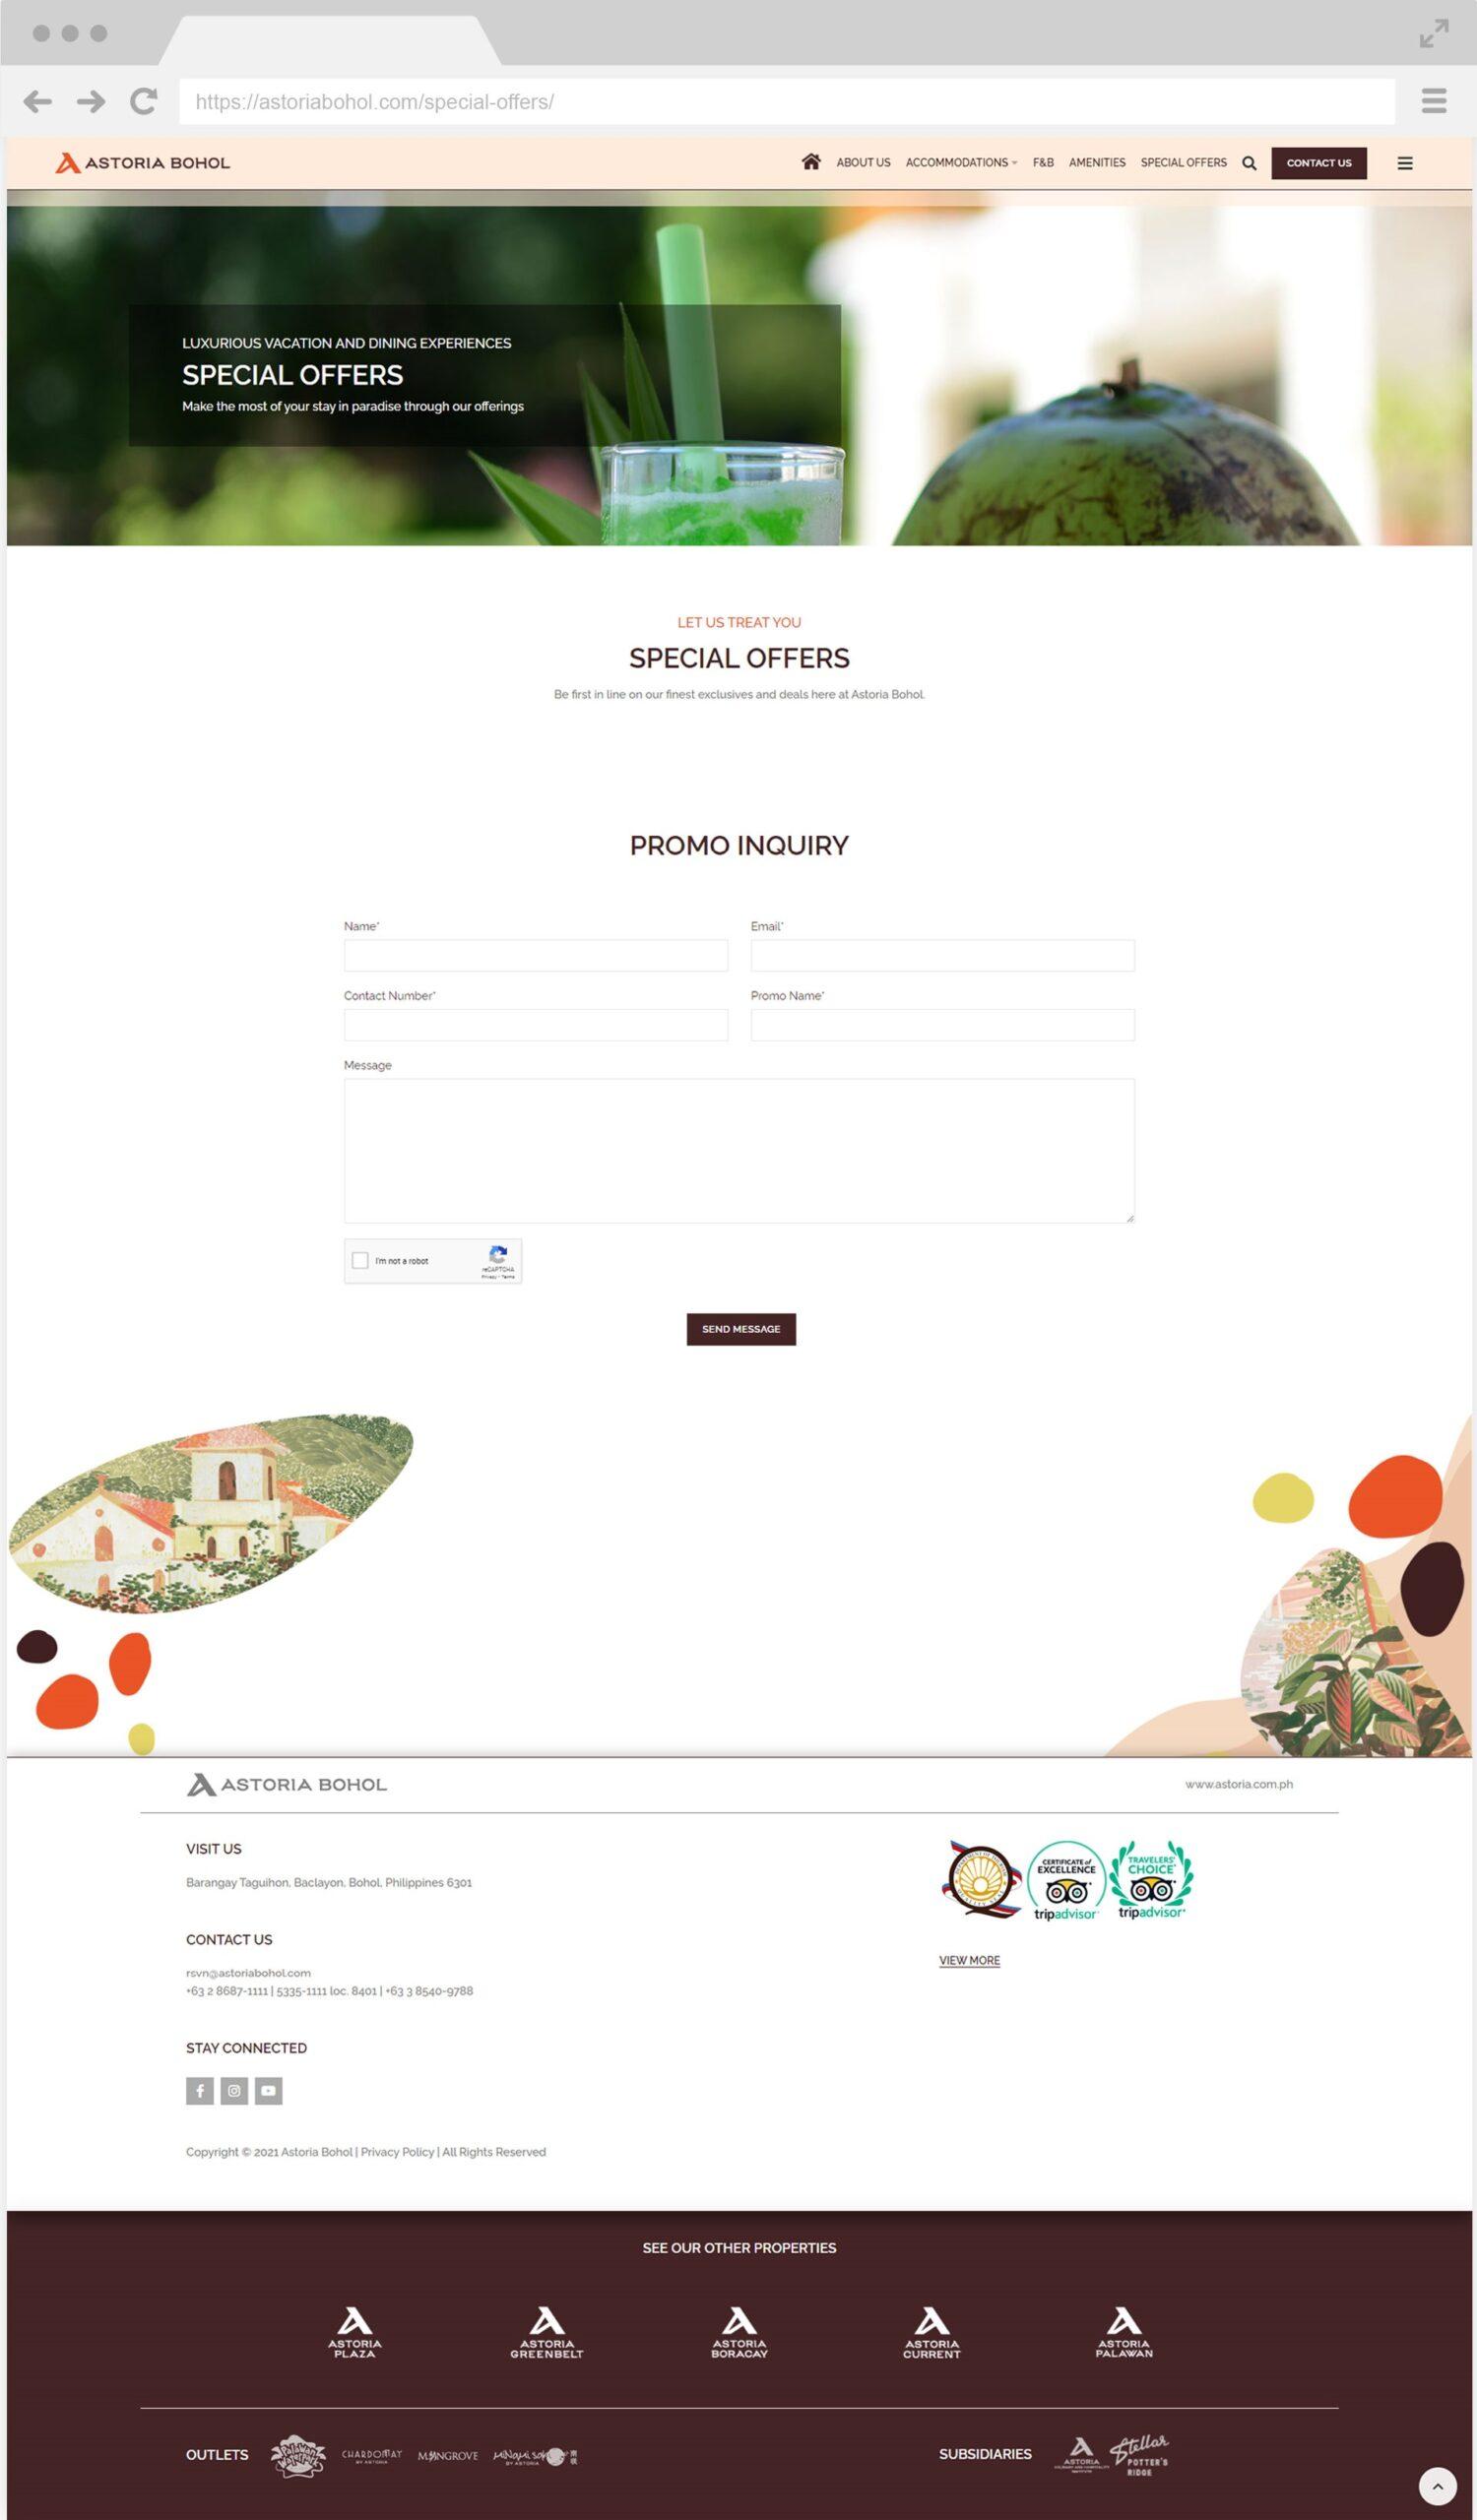 Astoria Bohol Special Offers